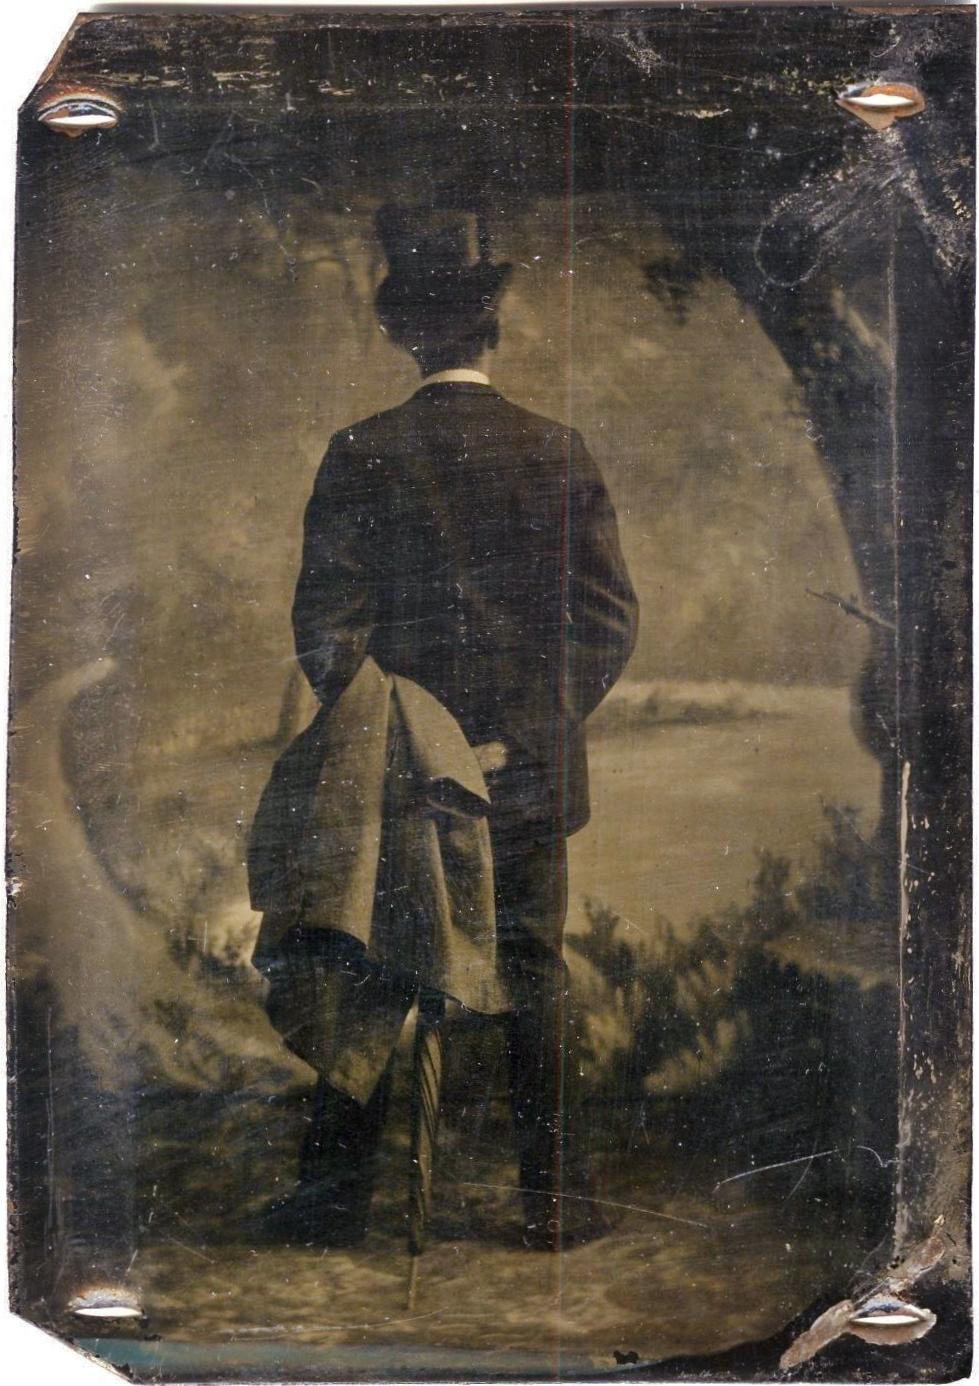 portrait-dos-photo-ancienne-vintage-05 - La boite verte